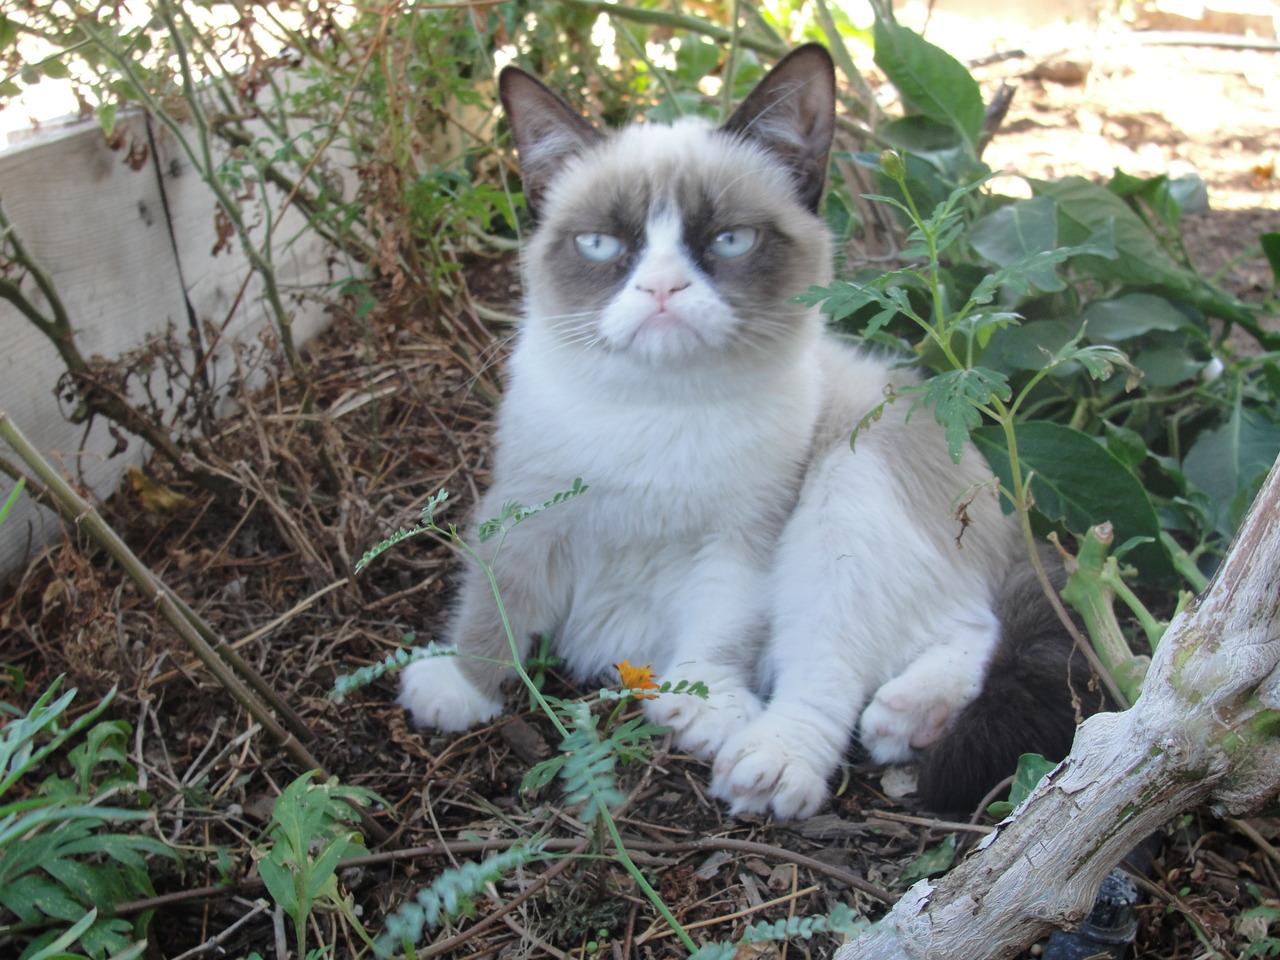 Jej fotky sa stali hitom internetu. Napriek svojmu nevrlému výrazu je to  vraj veľmi pokojná a milá mačka 9e0b8edc63f